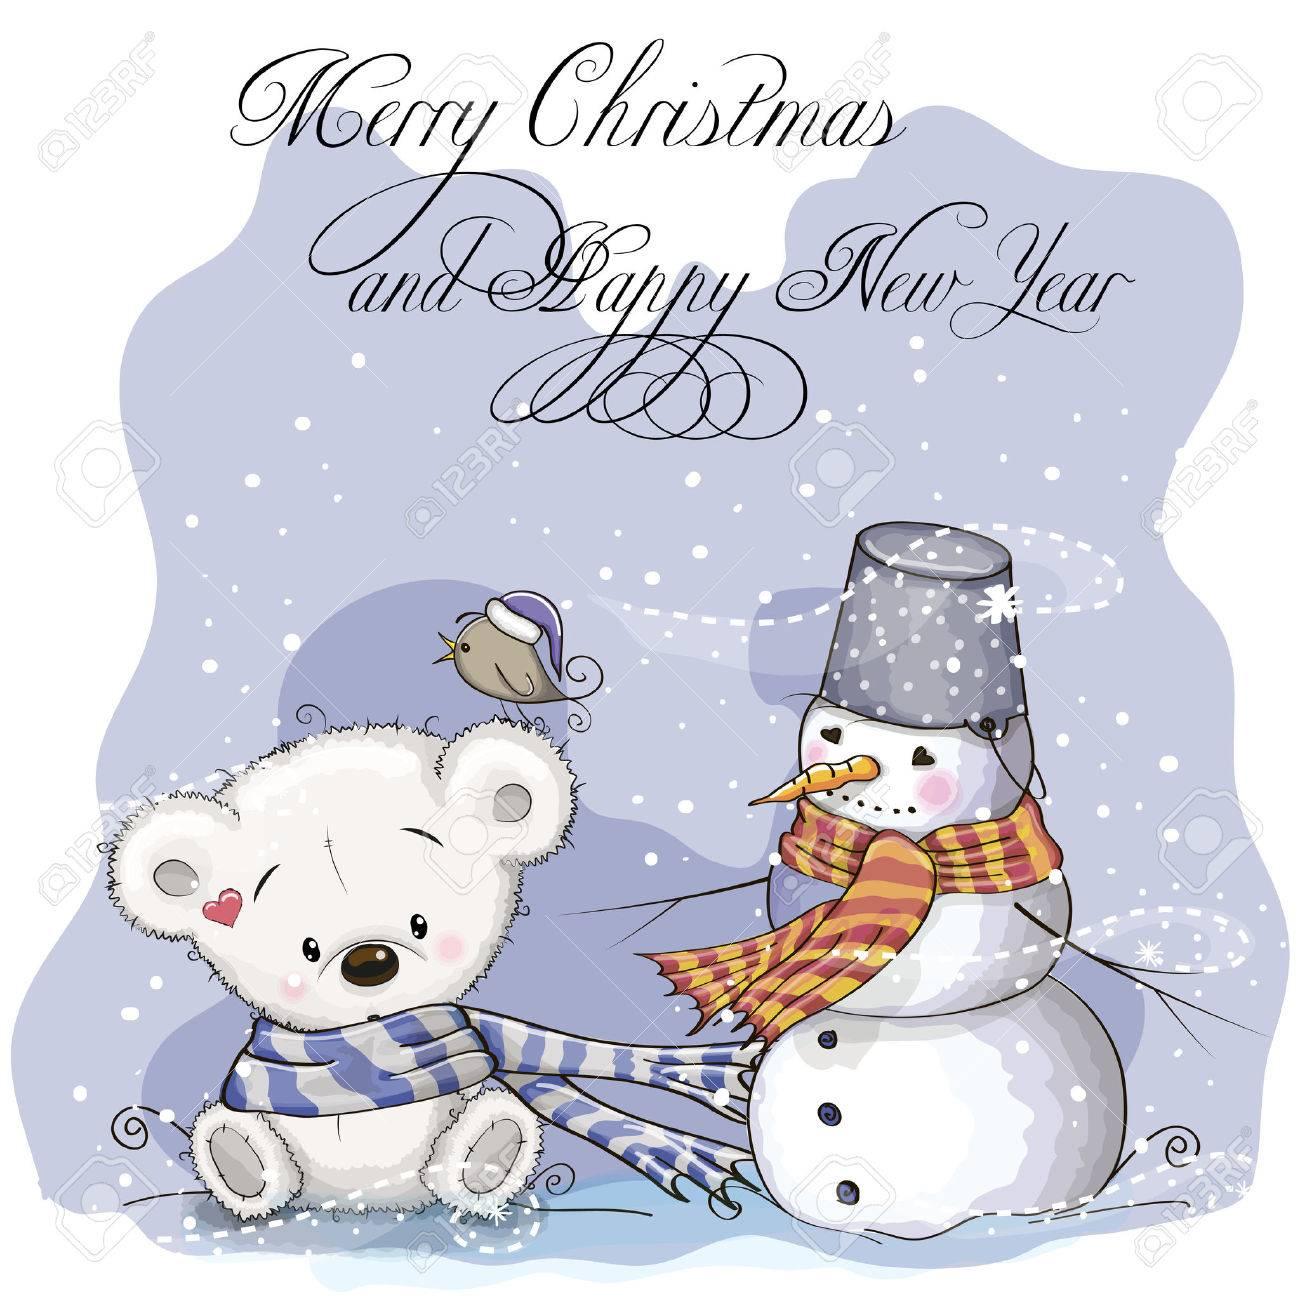 Gruß Weihnachtskarte Mit Teddybär Und Schneemann Lizenzfrei Nutzbare ...